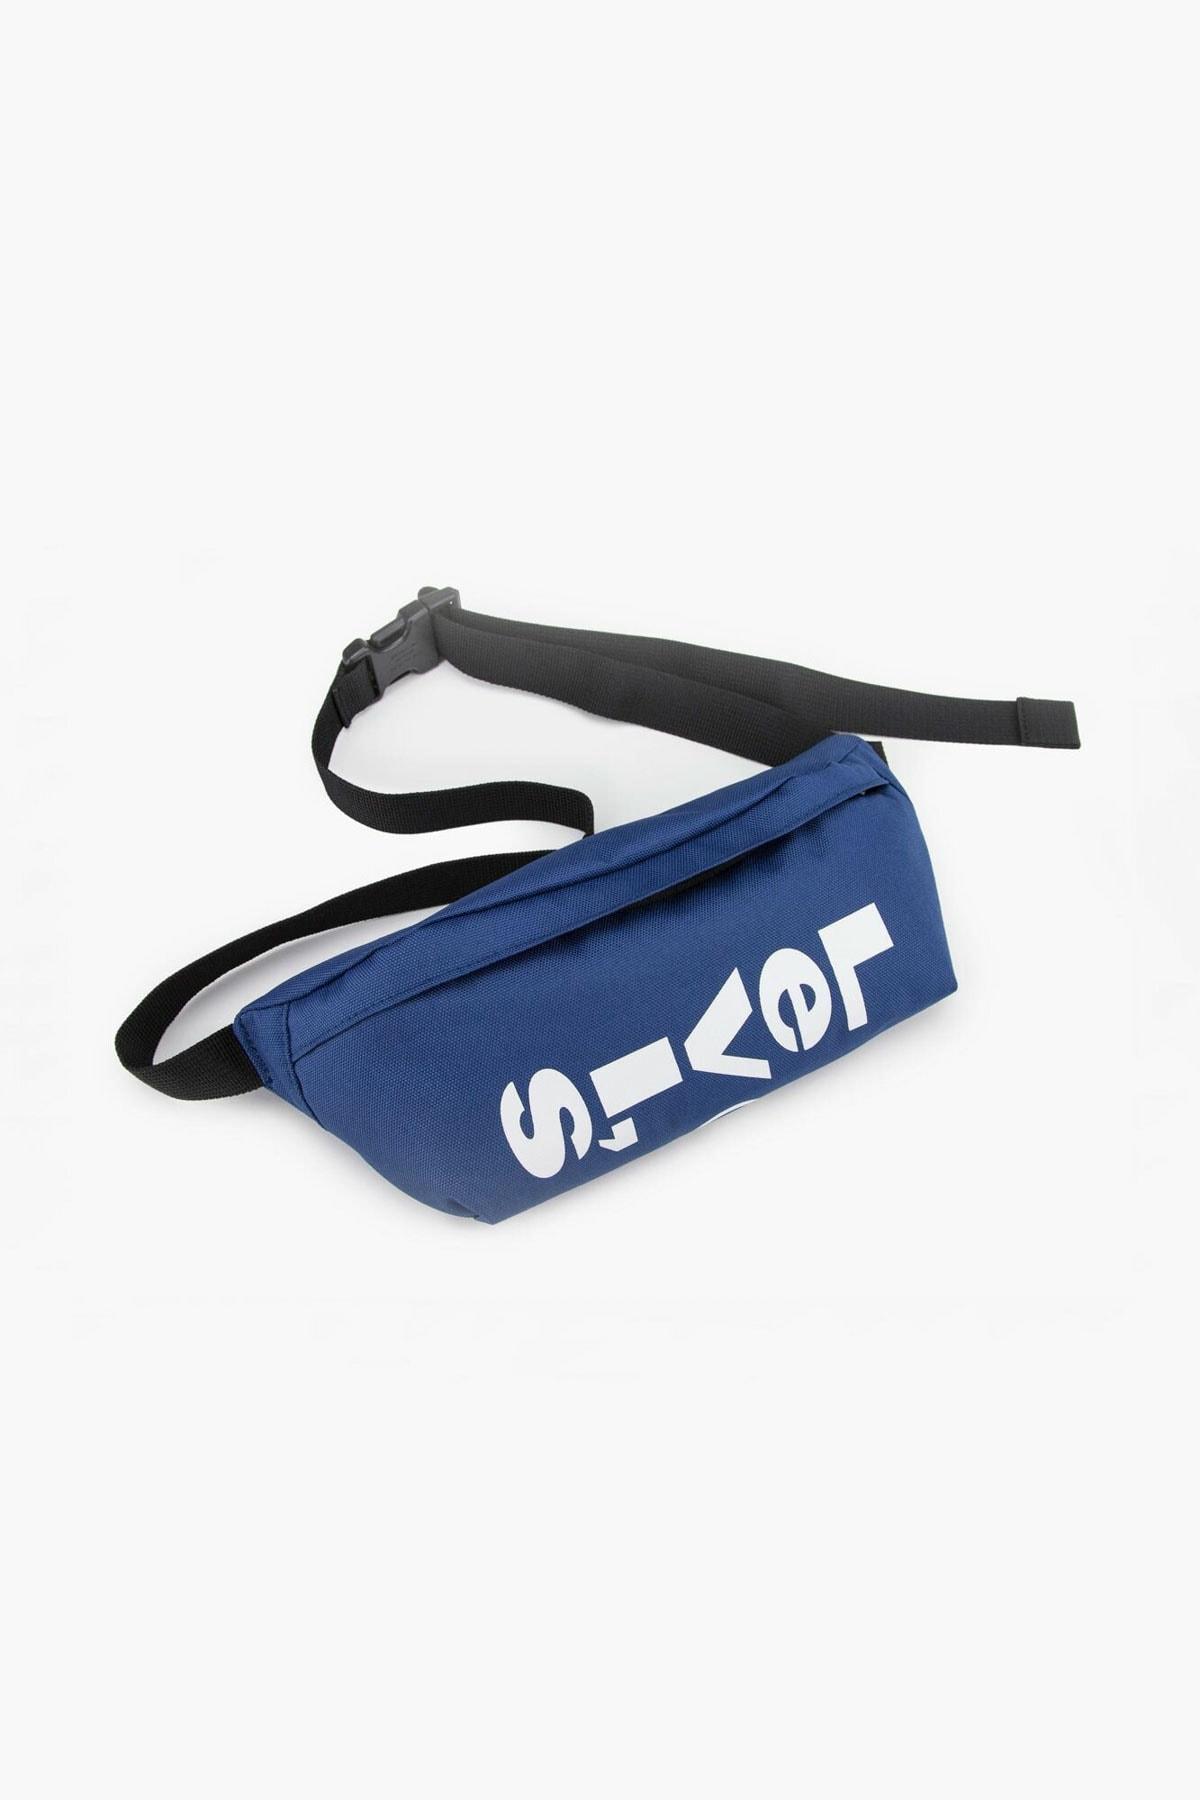 فروش کیف کمری مردانه 2020 برند لیوایز رنگ آبی کد ty93249220